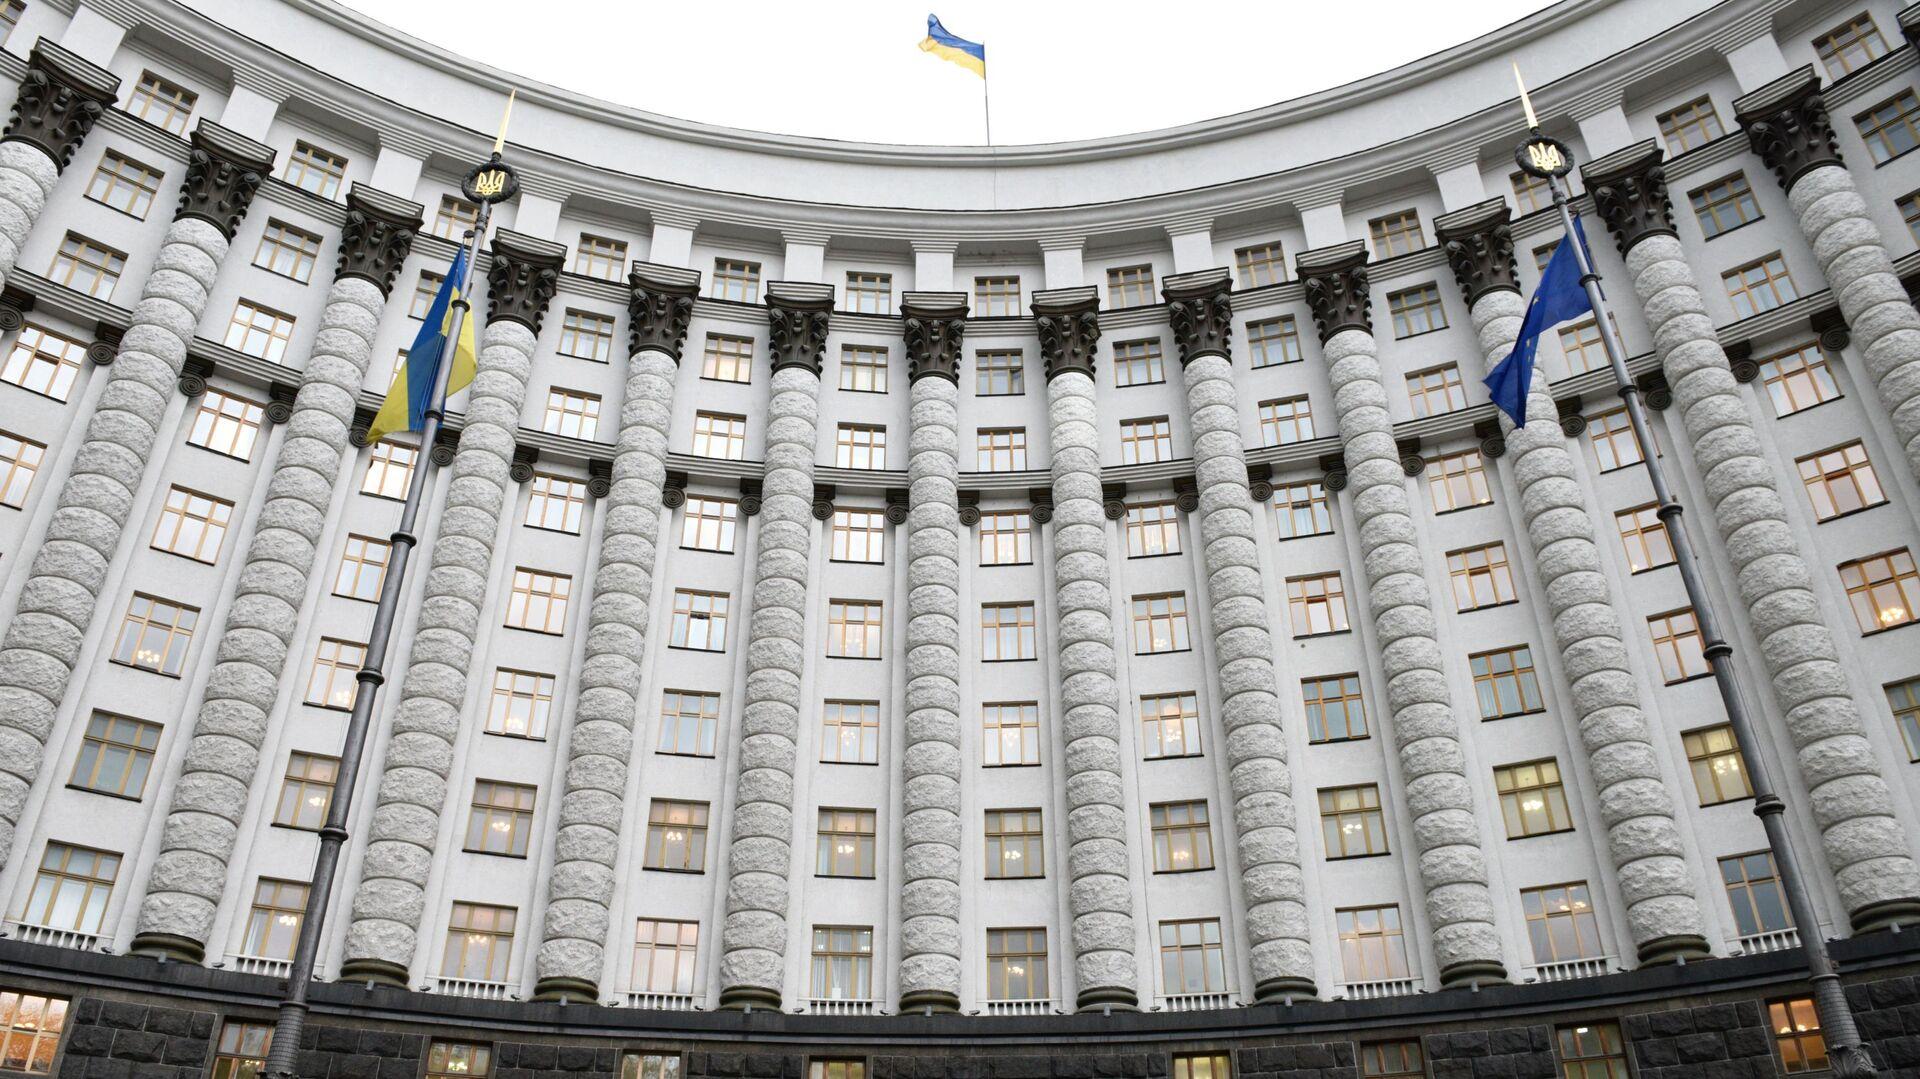 Gabinet ministrów Ukrainy, Kijów - Sputnik Polska, 1920, 04.08.2021